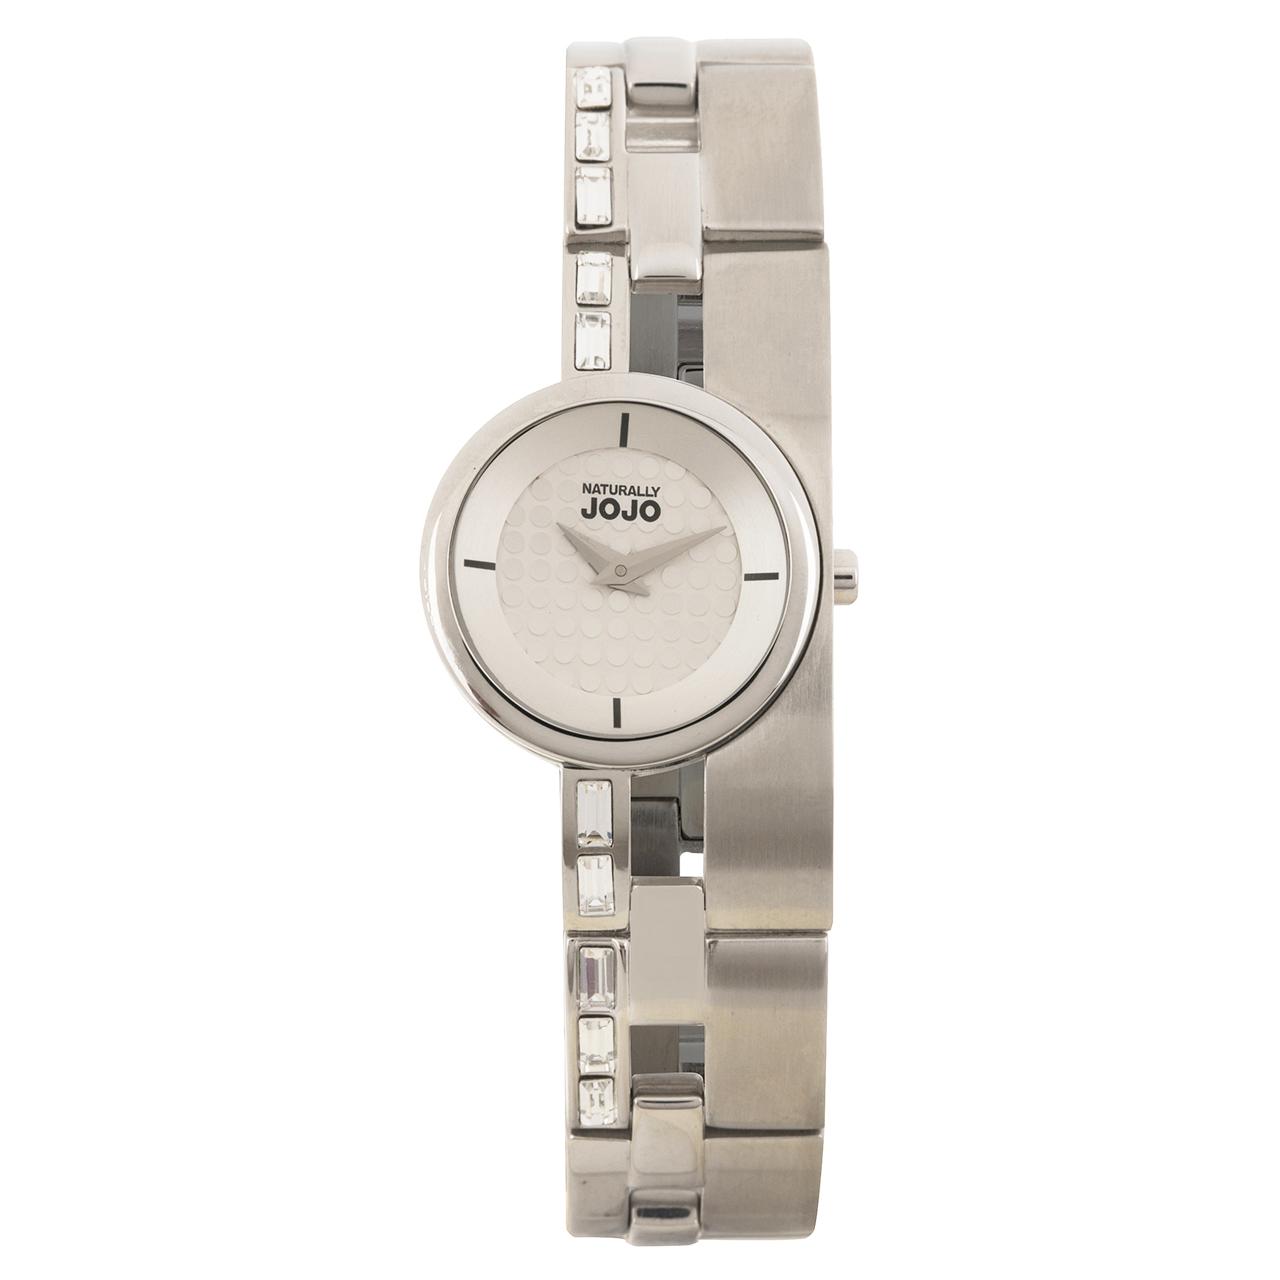 خرید ساعت مچی عقربه ای زنانه نچرالی ژوژو مدل JO95256.80F